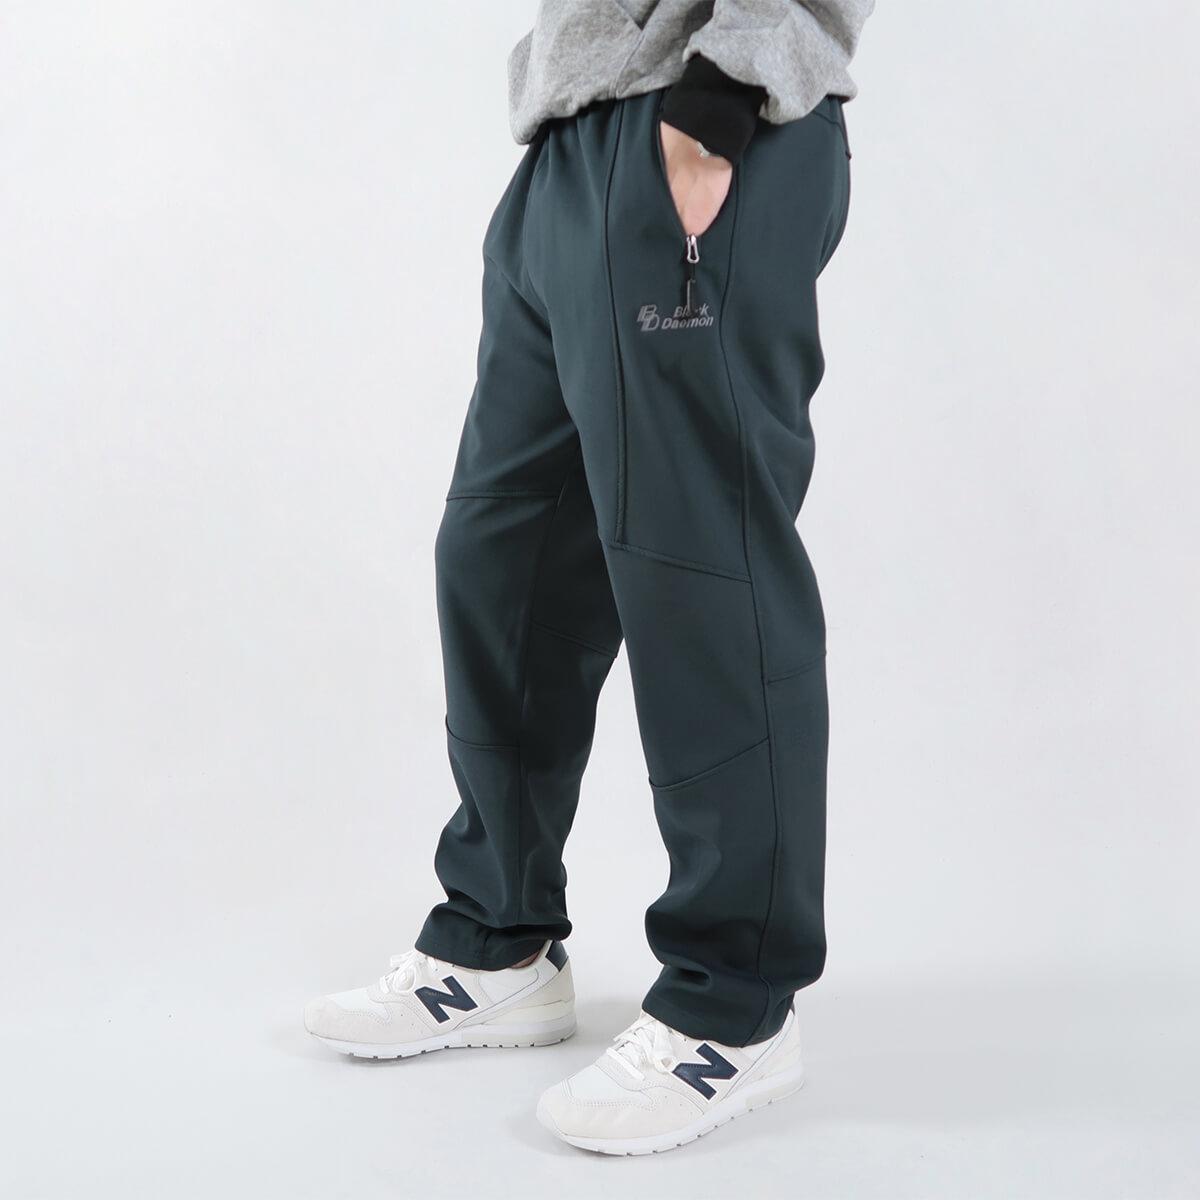 保暖厚刷毛軟殼褲 防風防潑水透氣保暖衝鋒褲 保暖褲 內裡刷毛褲 休閒長褲 黑色長褲 WARM THICK FLEECE LINED SOFTSHELL PANTS OUTDOOR PANTS (321-356-08)深藍色、(321-356-21)黑色、(321-356-22)藍綠色 腰圍M L XL 2L(28~40英吋) [實體店面保障] sun-e 5